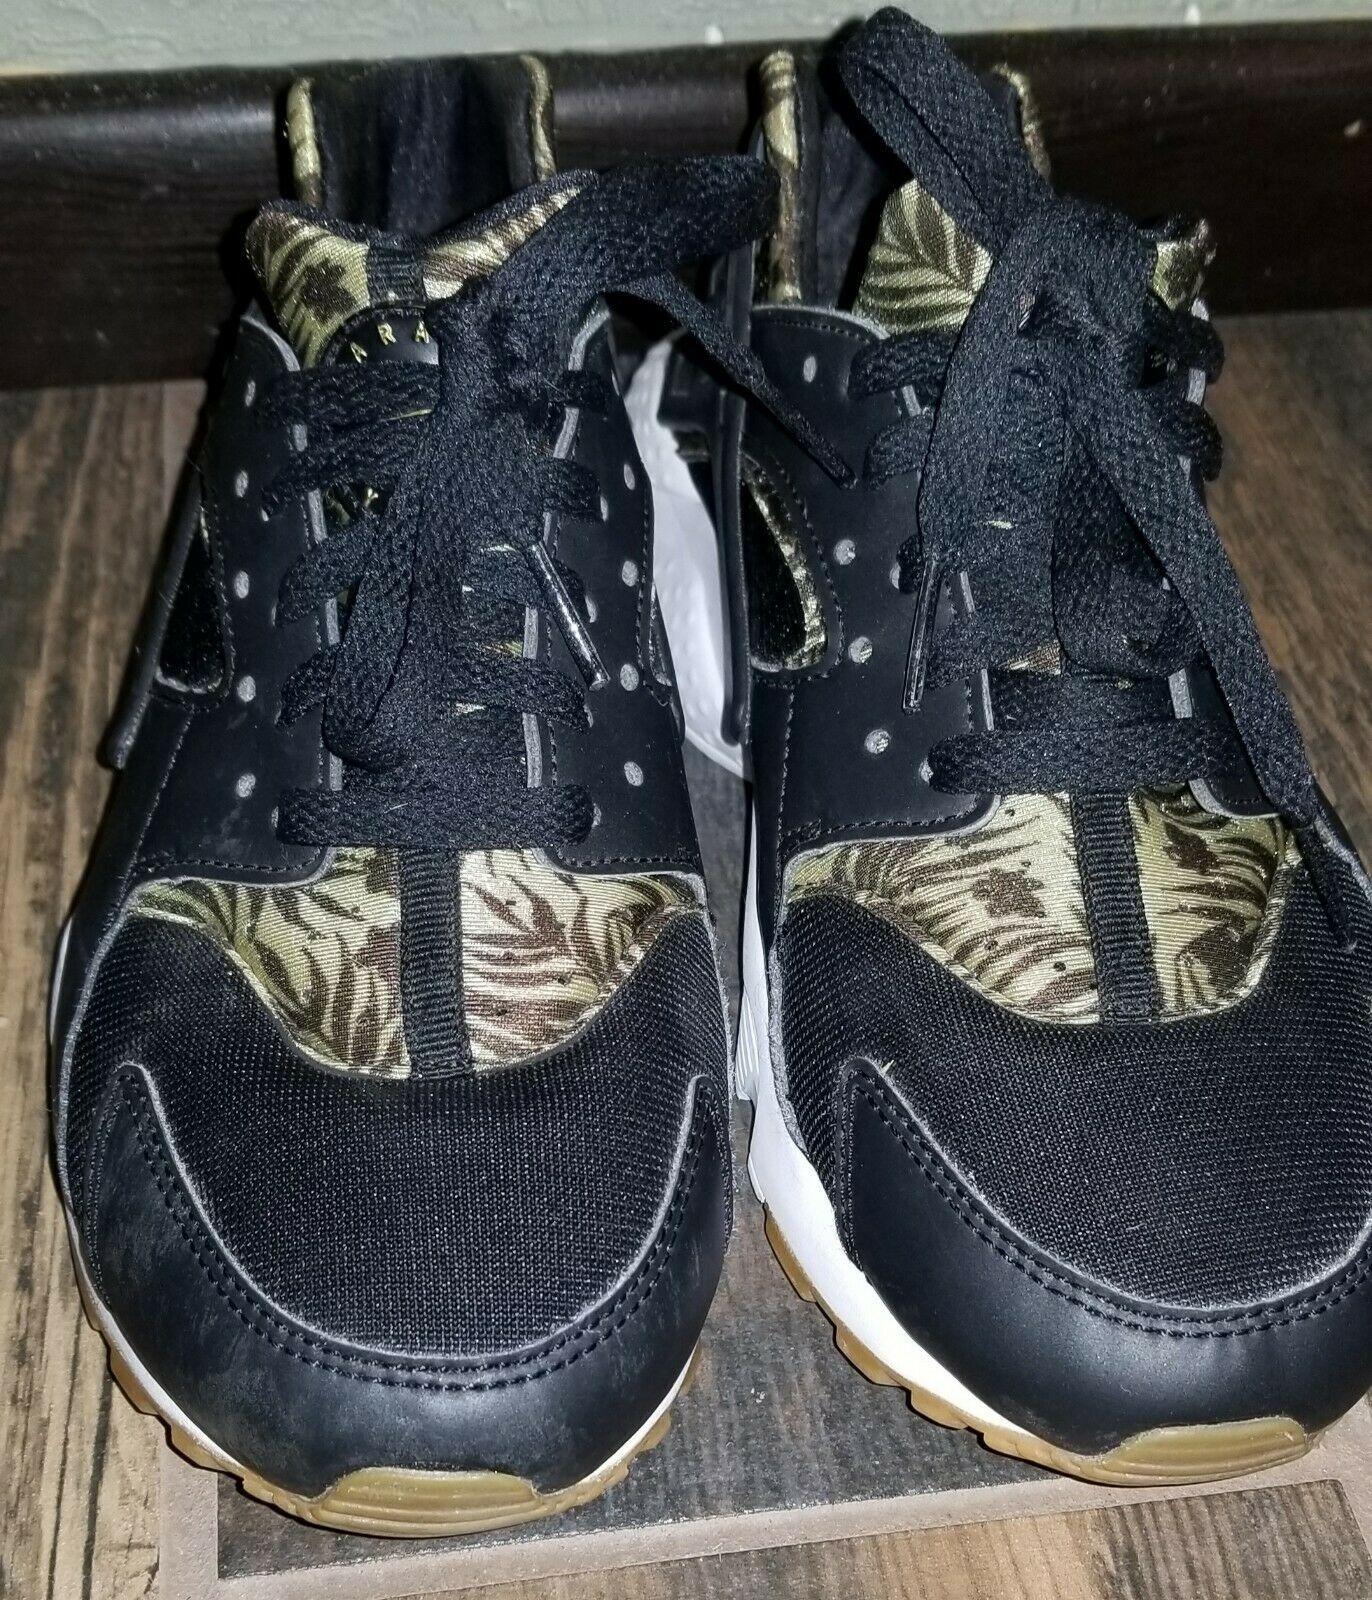 women's shoe size 7 in youth nike